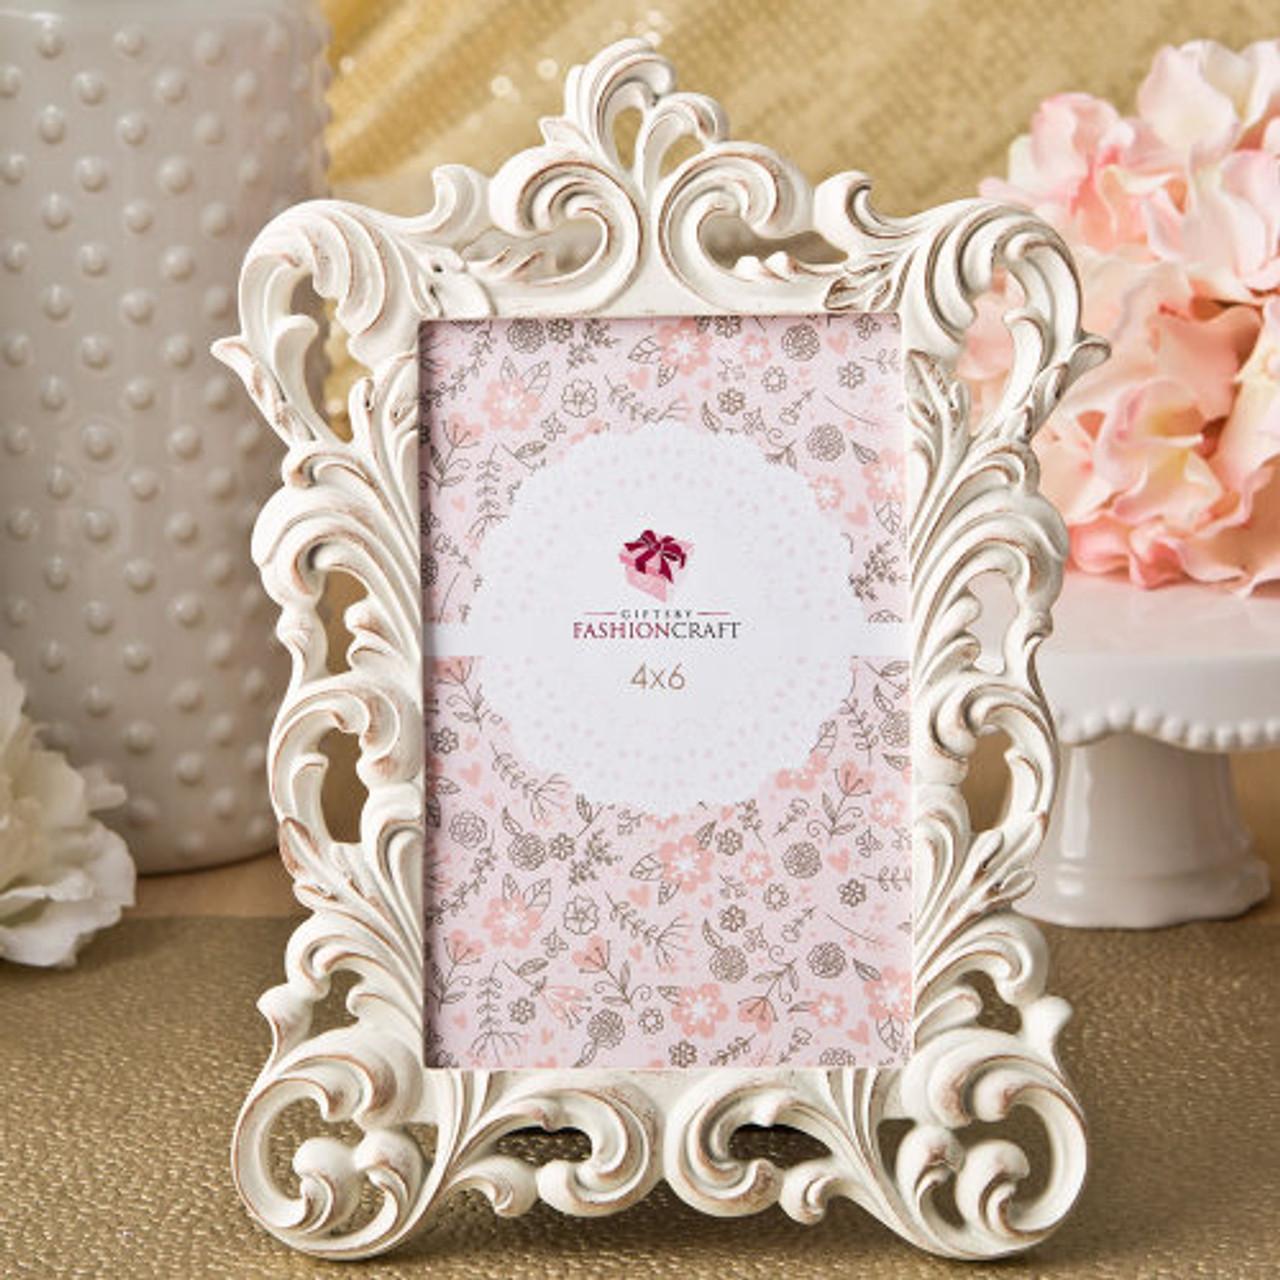 FASHIONCRAFT Ivory and brushed Gold leaf design place card frame photo frame